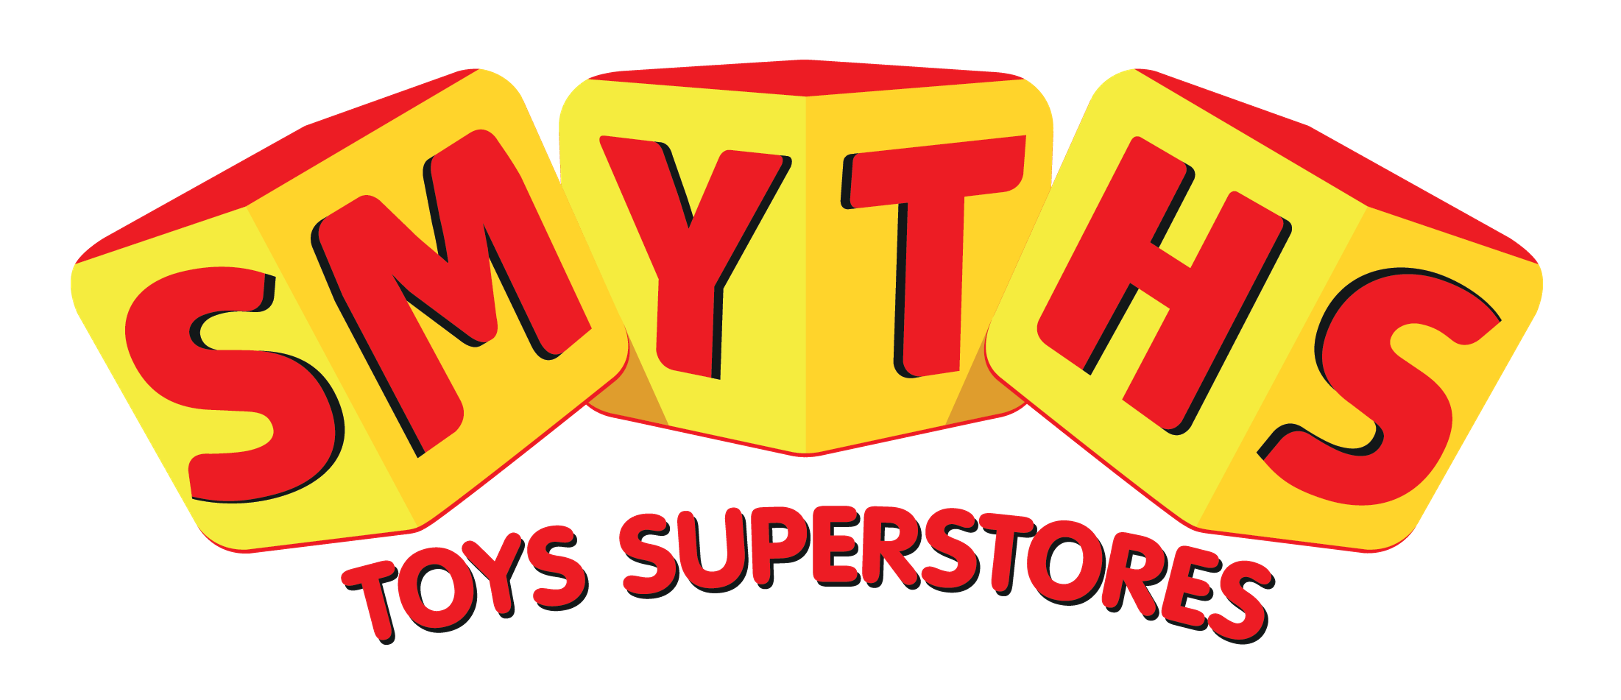 Smyths Toys Superstores in Karlsruhe